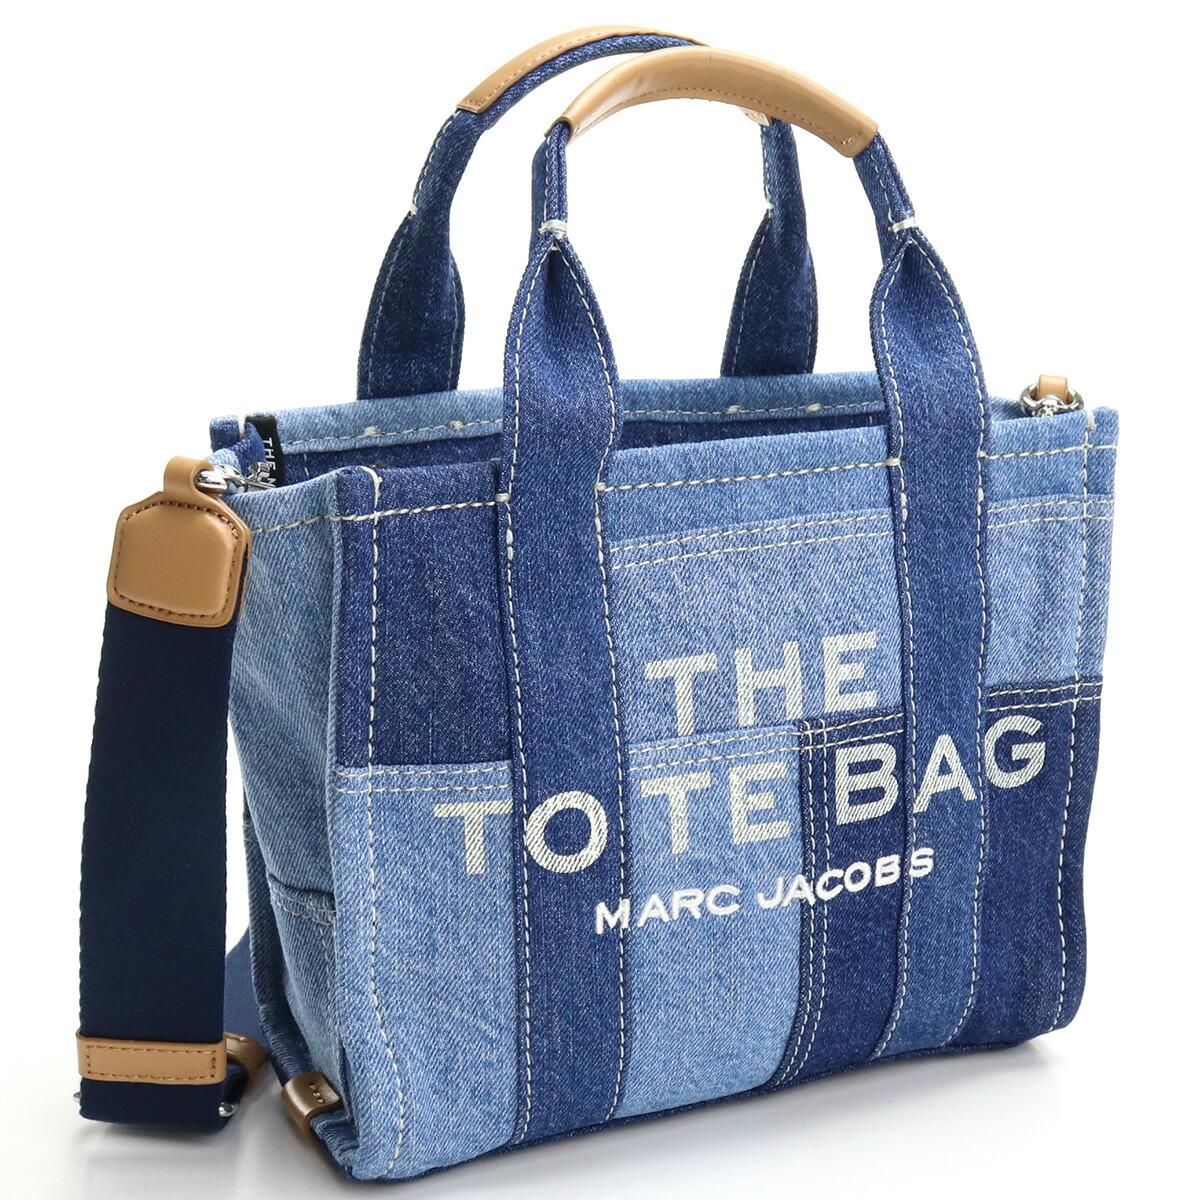 マーク・ジェイコブス MARC JACOBS  トートバッグ   ブランドバッグ ブランドロゴ H016M06FA21 422 THE DENIM MINI TOTE BAG 2way BLUE DENIM ブルー系 bag-01